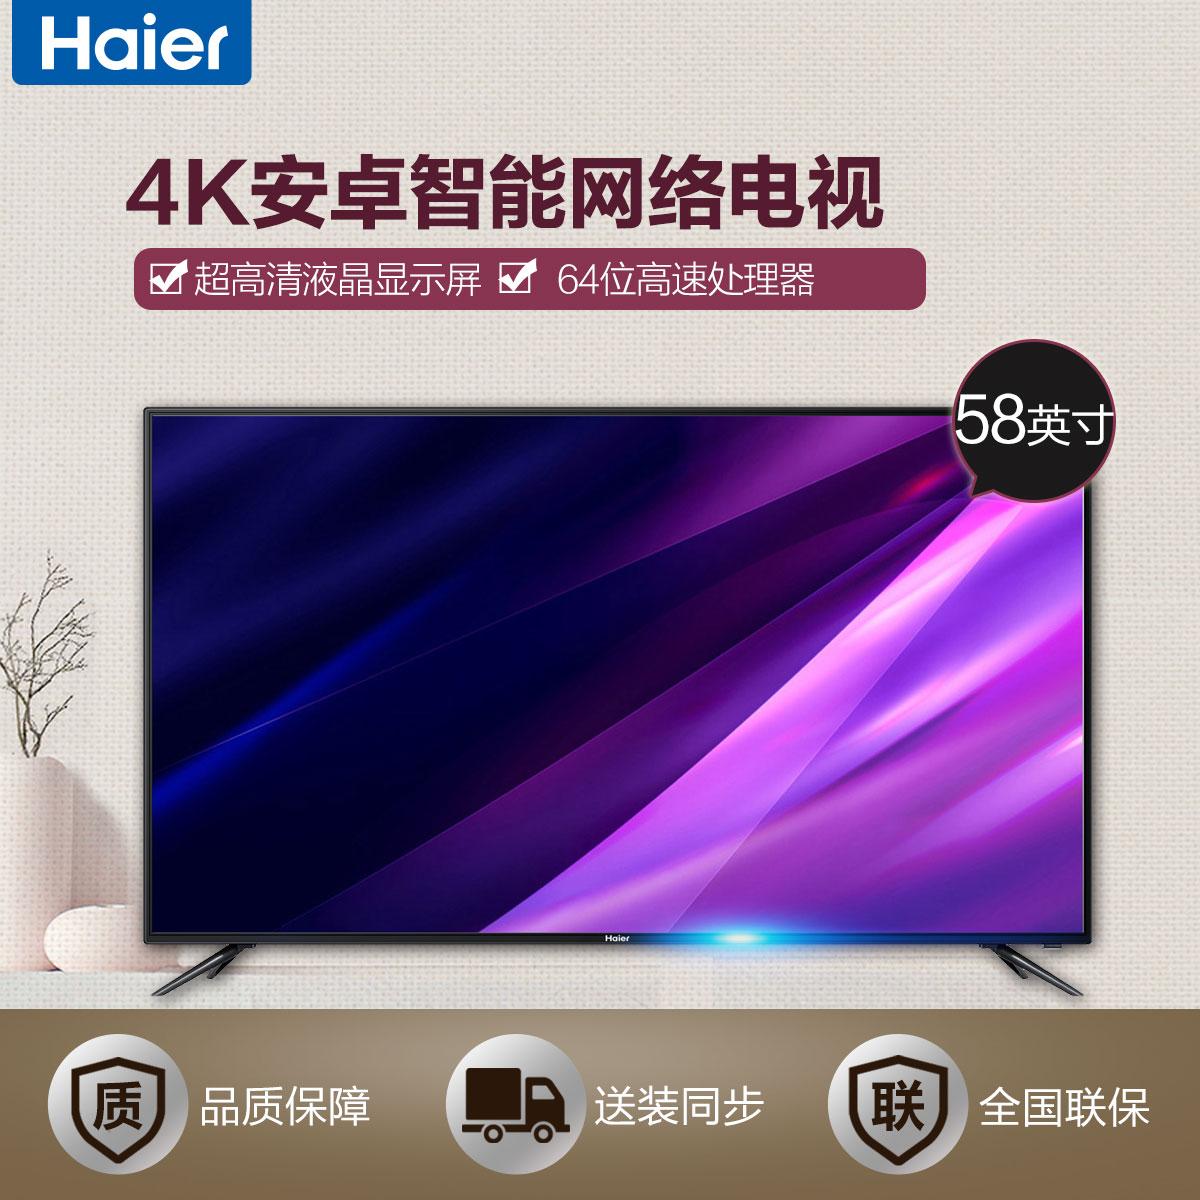 58英寸4K安卓梦之城客户端下载网络电视,采用UHD超高清液晶显示屏,64位高速处理器,安卓梦之城客户端下载操作系统,丰富优酷资源,立体声音频系统。 LS58A51